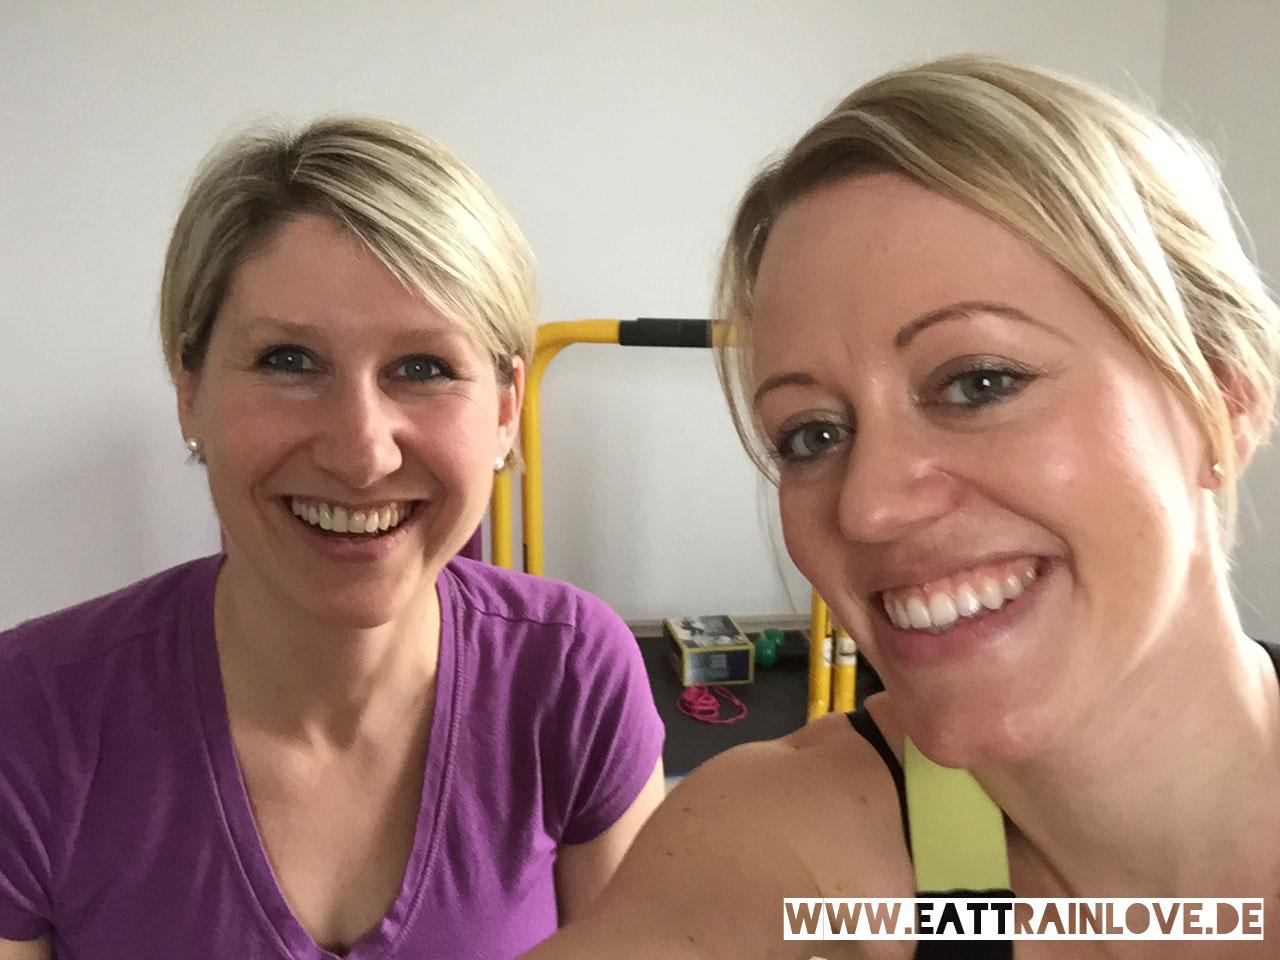 EAT-TRAIN-LOVE-Coaching